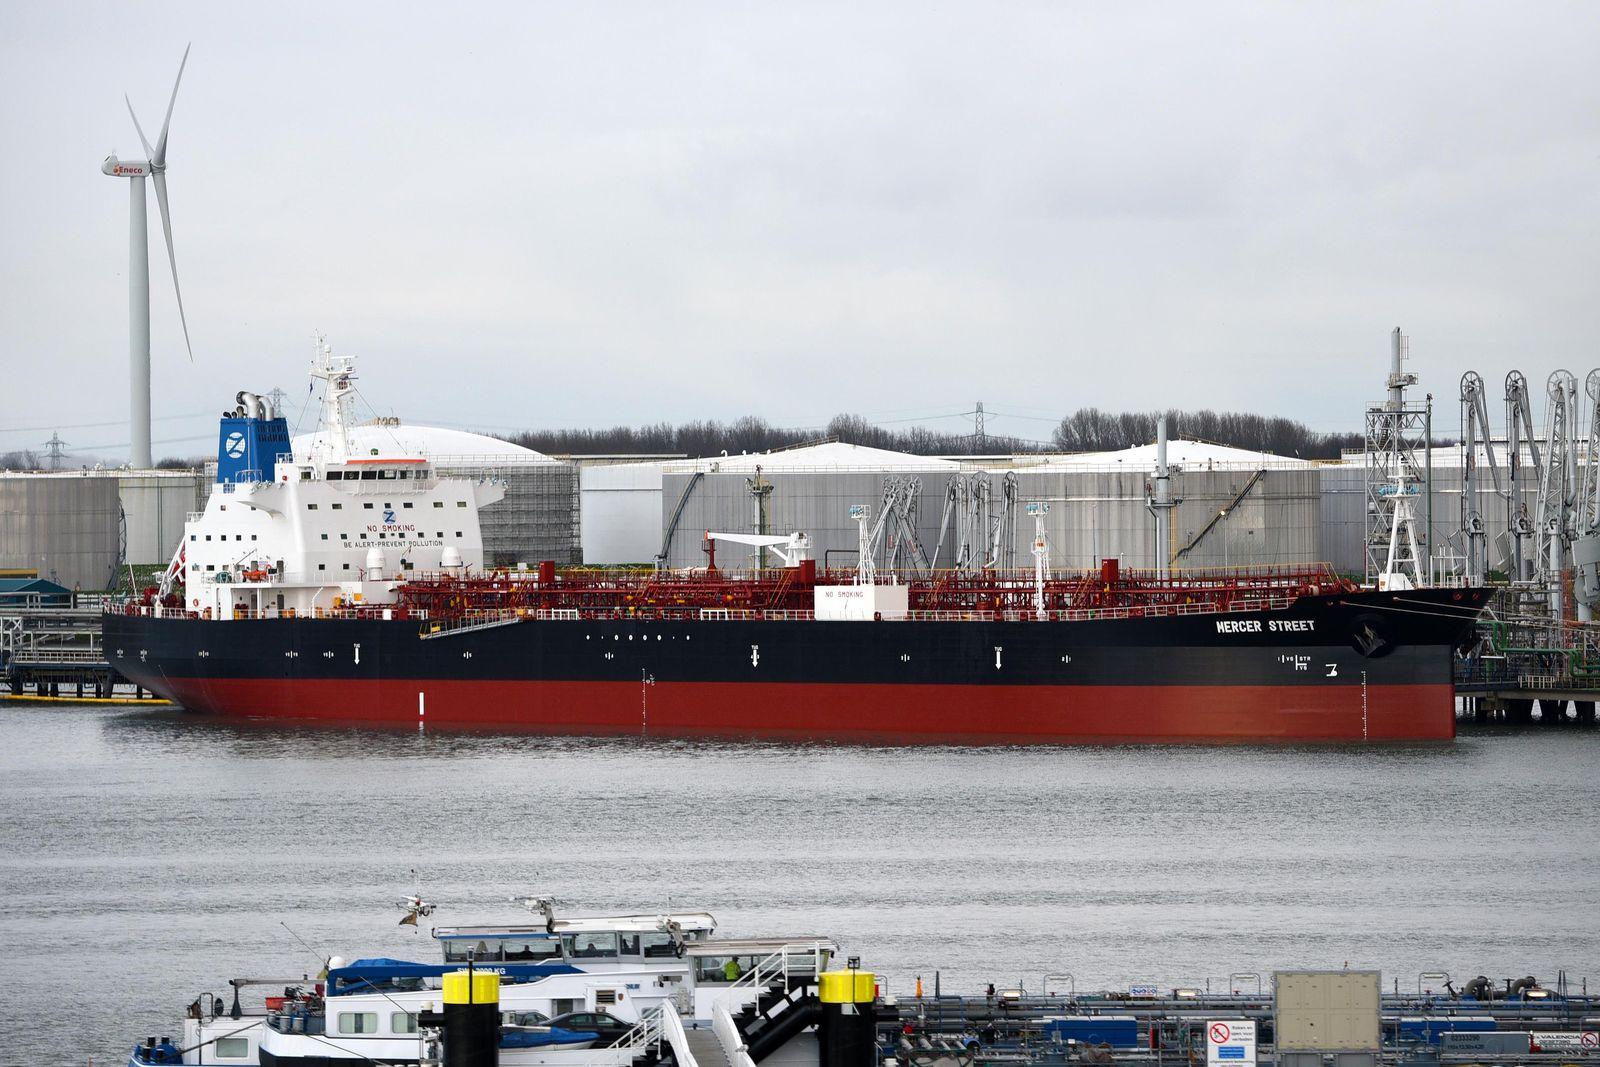 Schiff im nordindischen Ozean attackiert - - Verdacht auf Piraten